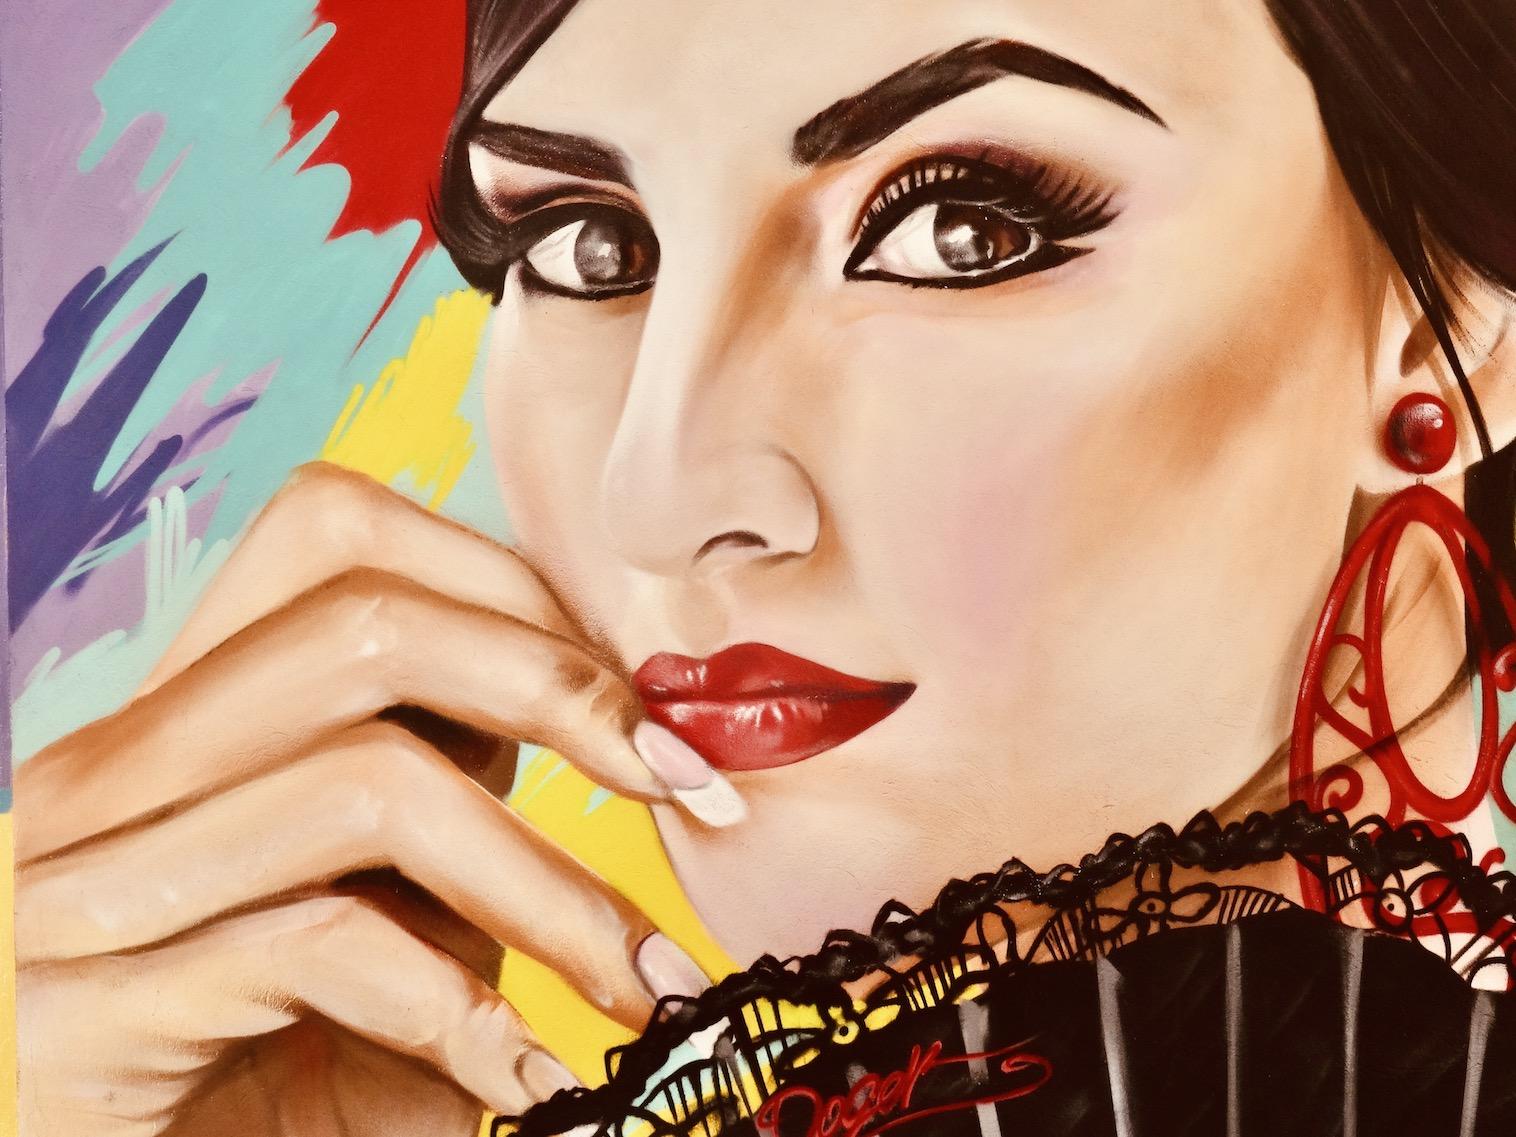 Andalusian woman mural Malaga street art